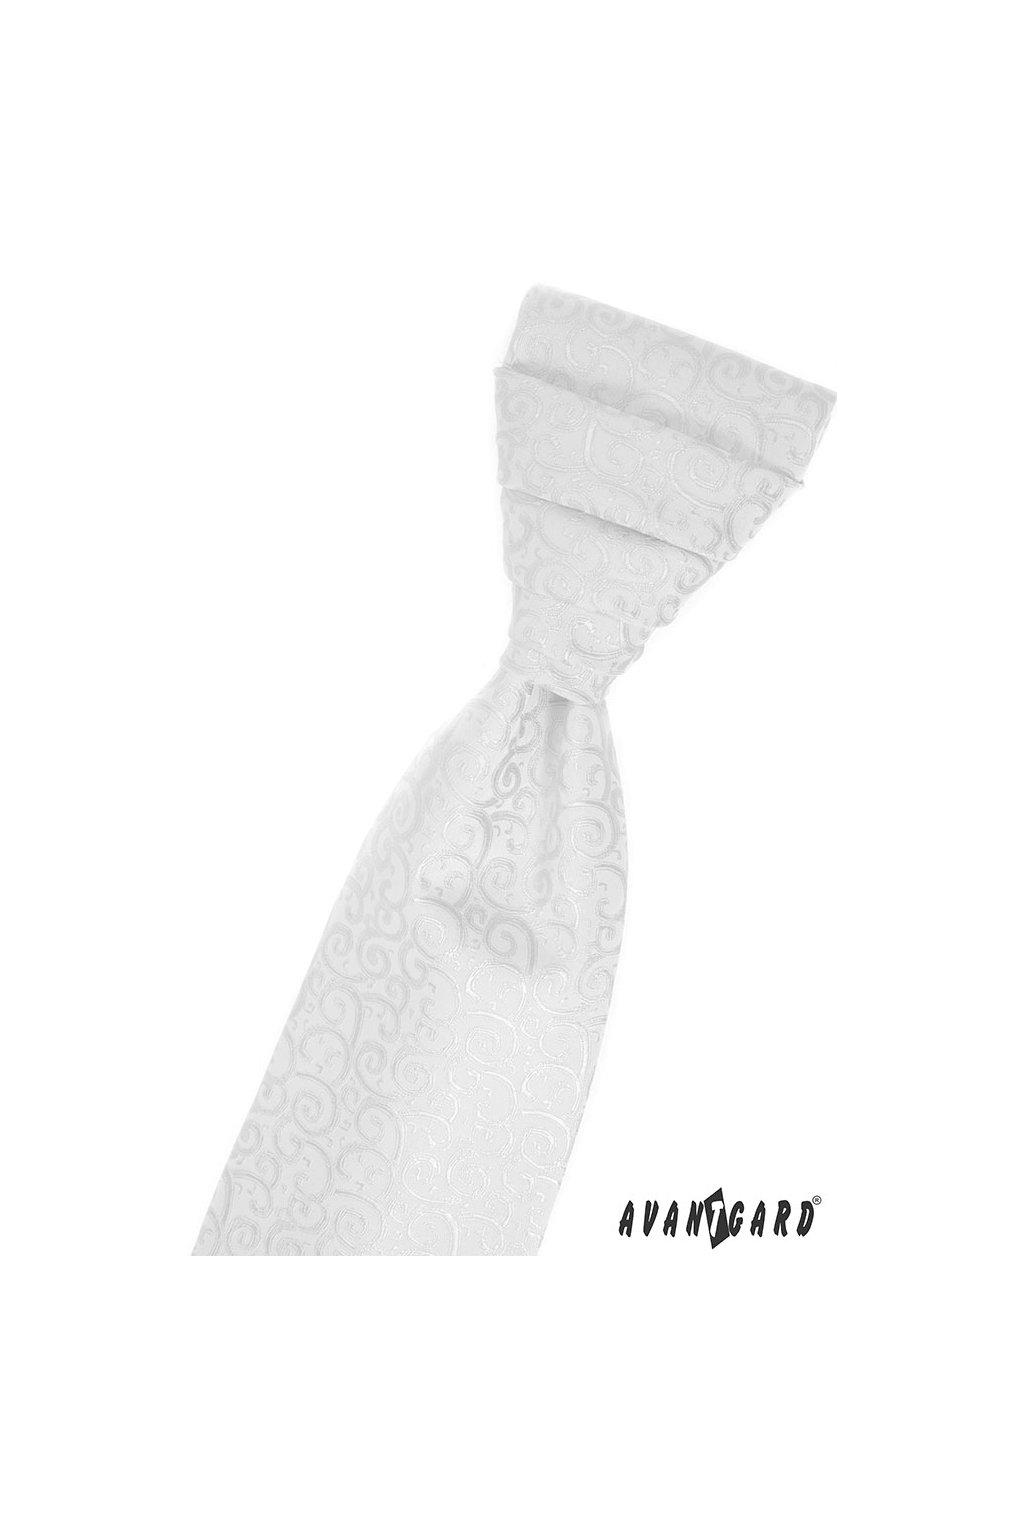 Svatební regata PREMIUM s kapesníčkem bílá 577 - 59